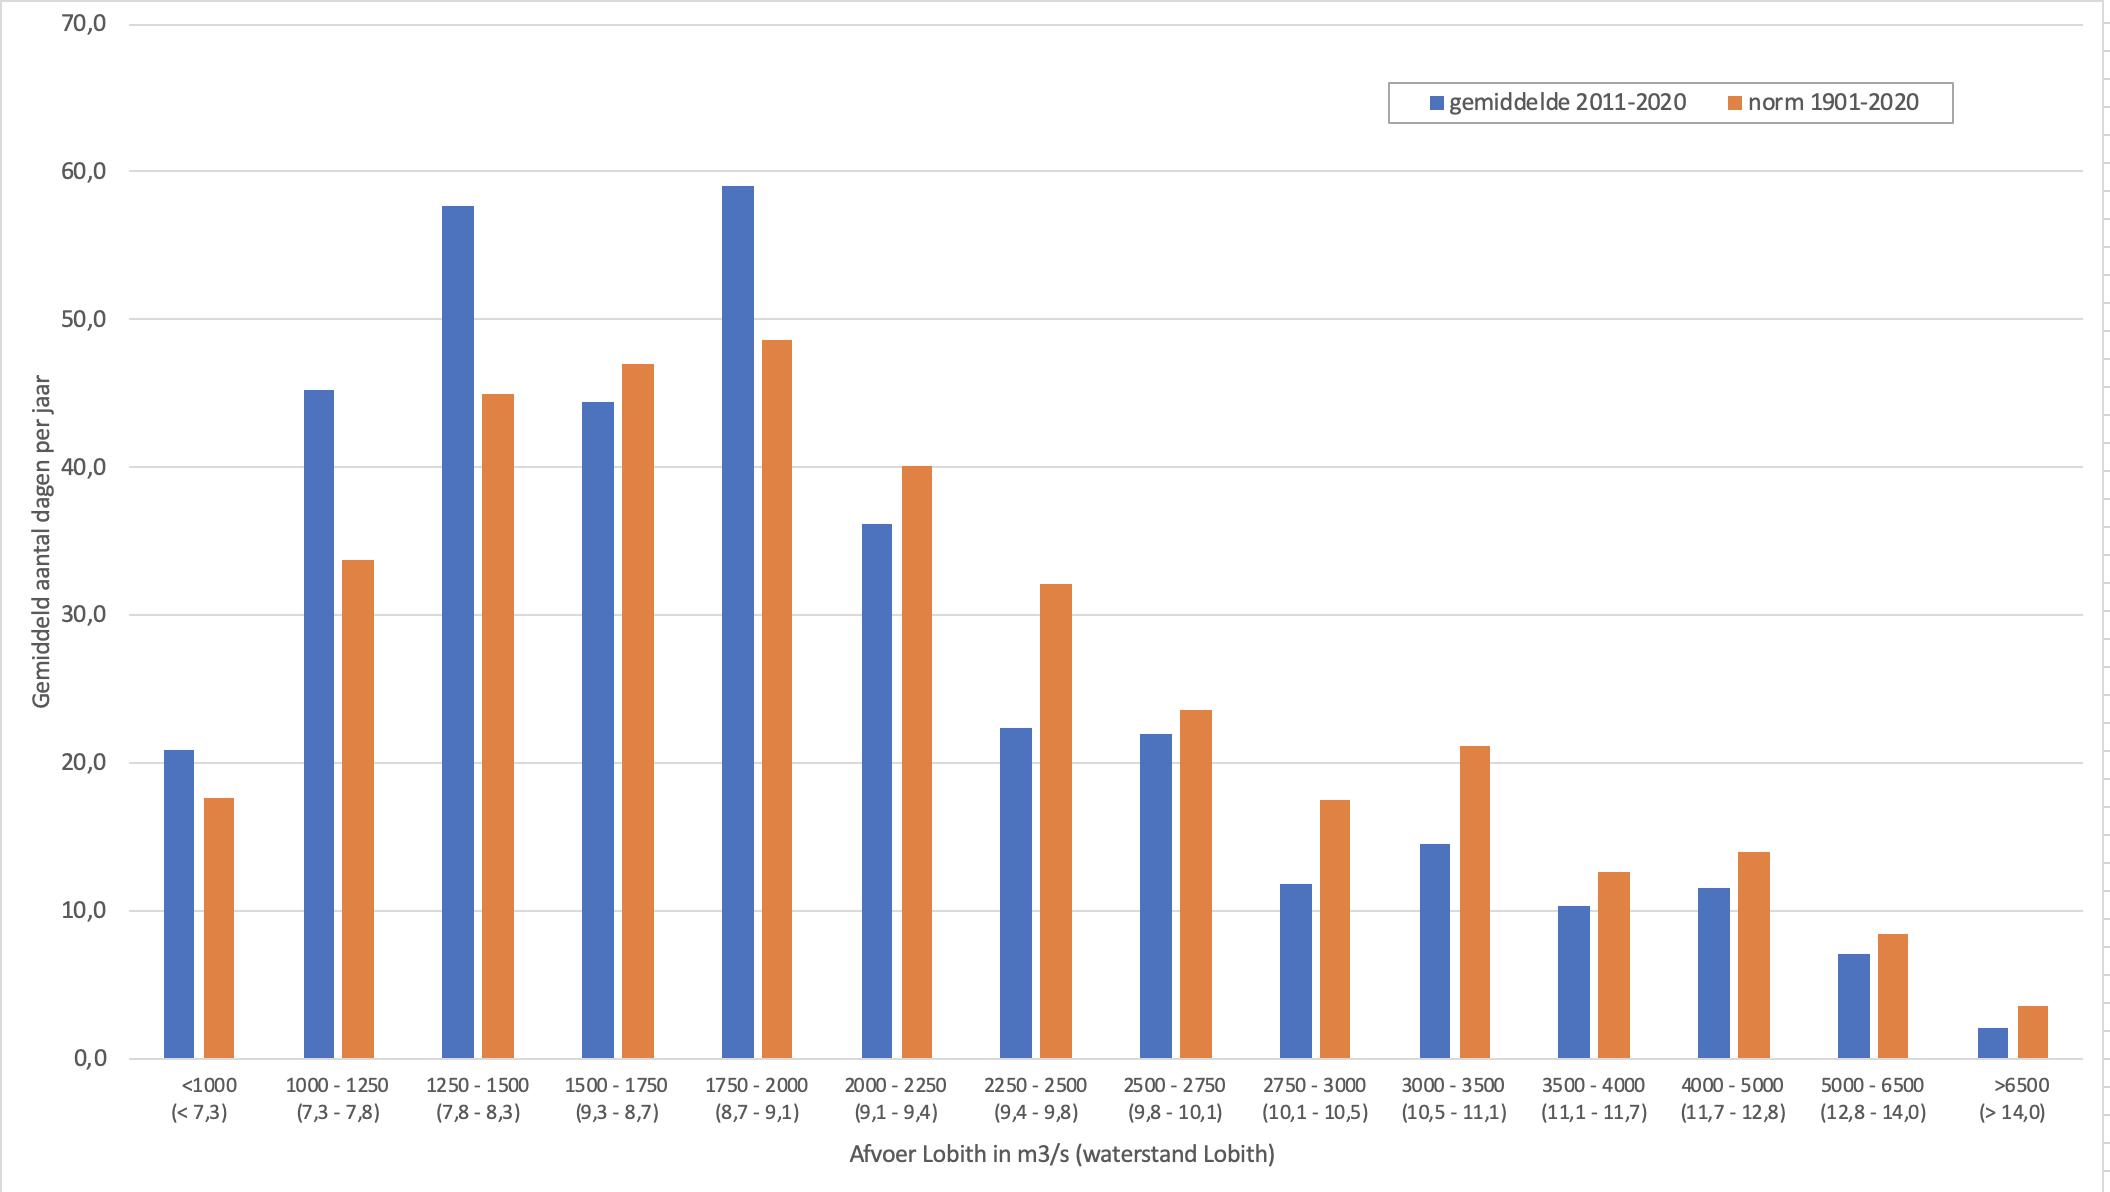 Verdeling van het aantal dagen over verschillende afvoerklassen waarin het huidige decennium (in blauw) wordt vergeleken met het langjarig gemiddelde (in oranje).